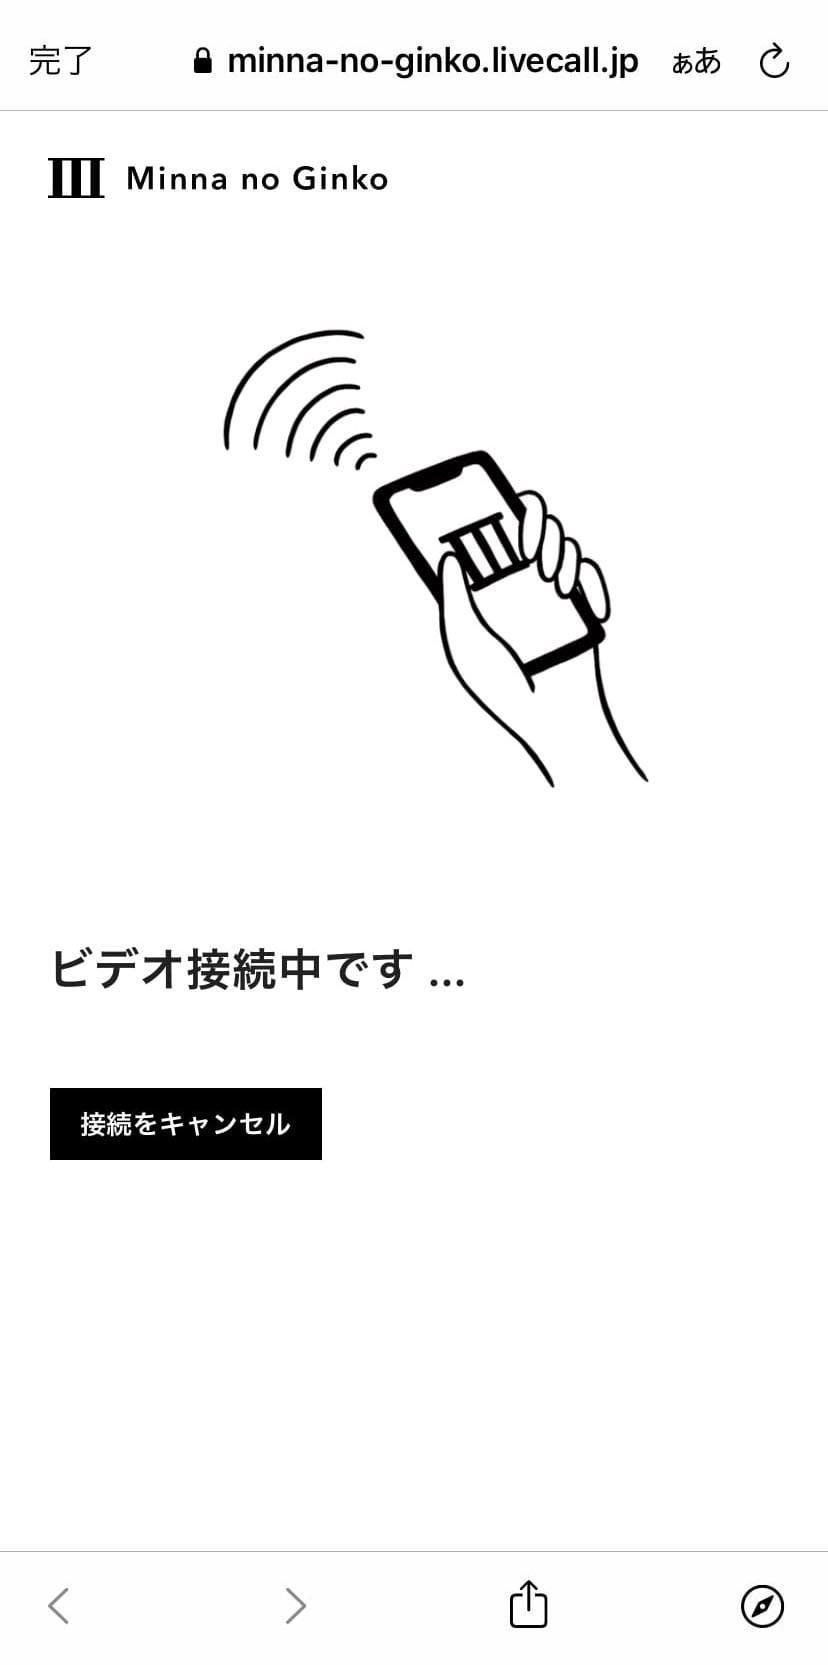 ビデオ通話はアプリではなく、ブラウザで接続します。